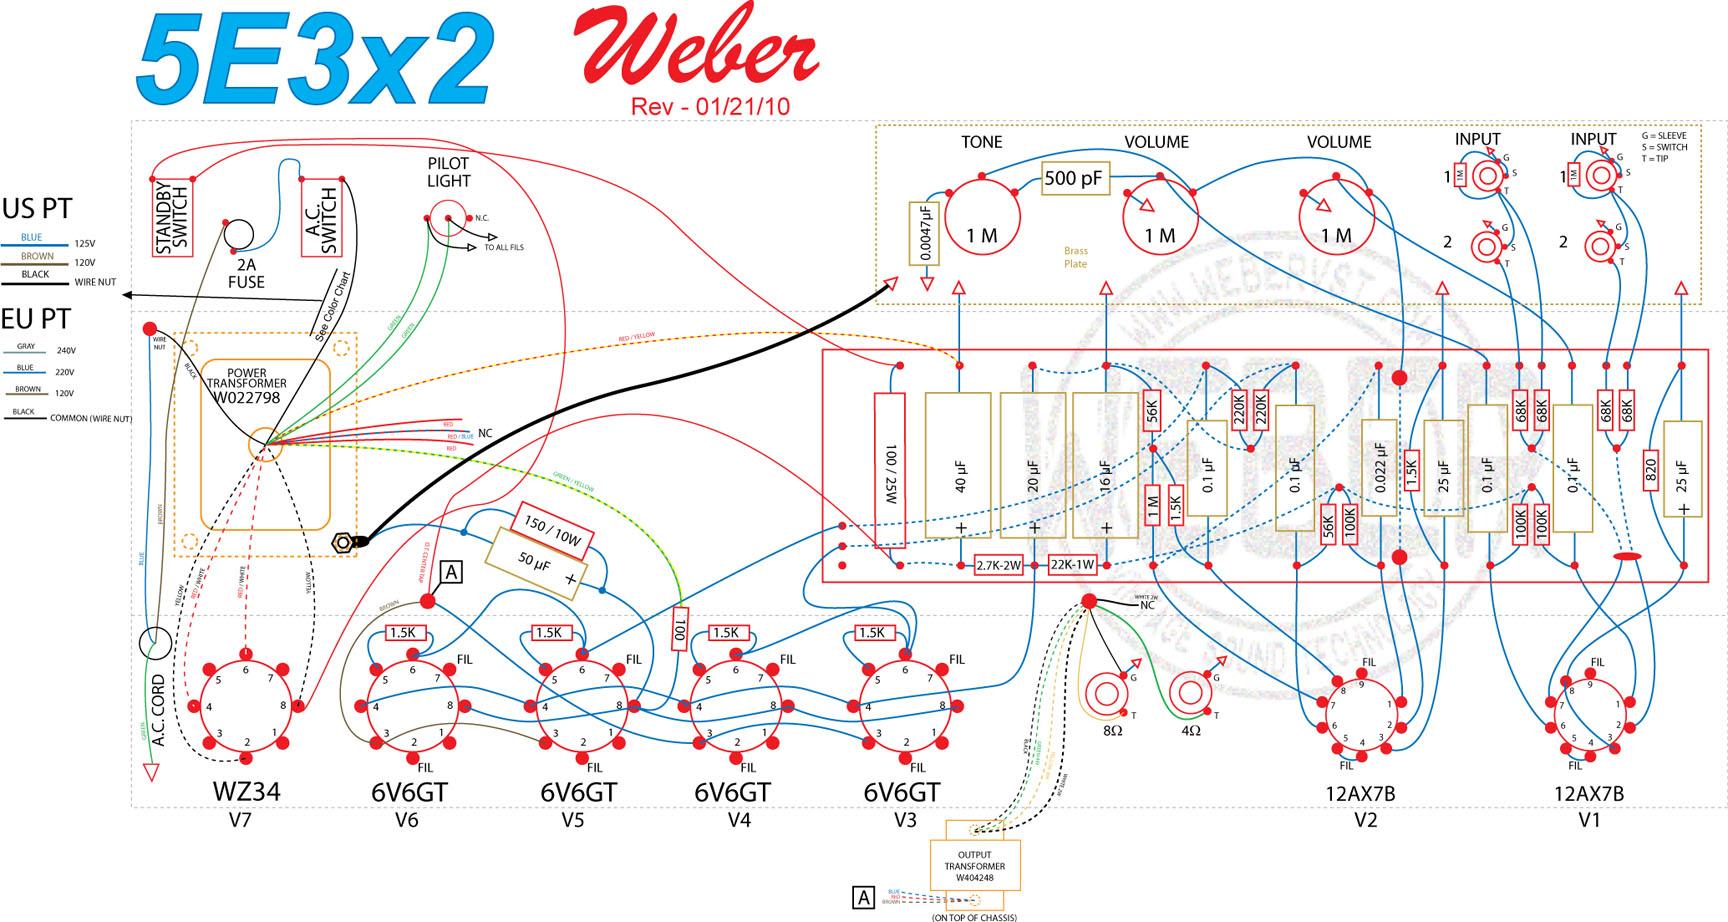 5E3x2 Amp Kit on 5f1 schematic, fender excelsior schematic, princeton reverb schematic, 100 watt marshall schematic, silver tone 1472 amp schematic, fender m 80 schematic, klon schematic, guitar amp circuit board schematic, supro schematic, boss ce 5 schematic, deluxe 6g3 schematic, cry baby foot pedal schematic, fender deluxe schematic, 5c1 schematic, vox ac15 schematic,